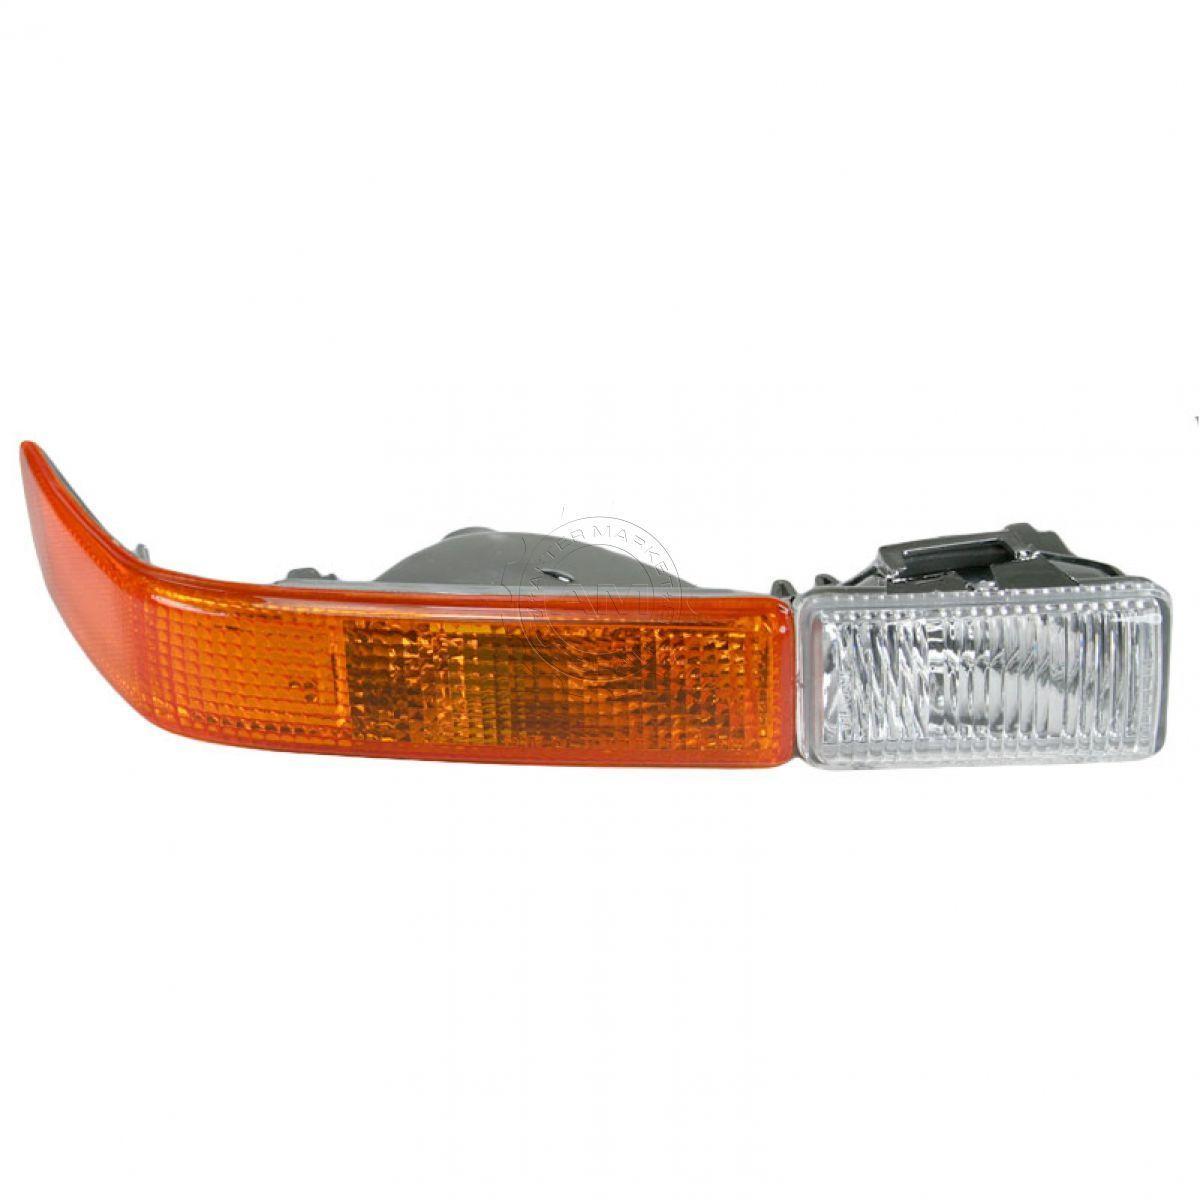 コーナーライト Front Side Marker Parking Signal w/ Fog Light Right RH for S10 Blazer S15 フロントサイドマーカーパーキング信号(フォグライト付き)RH RHブリーザーS15用